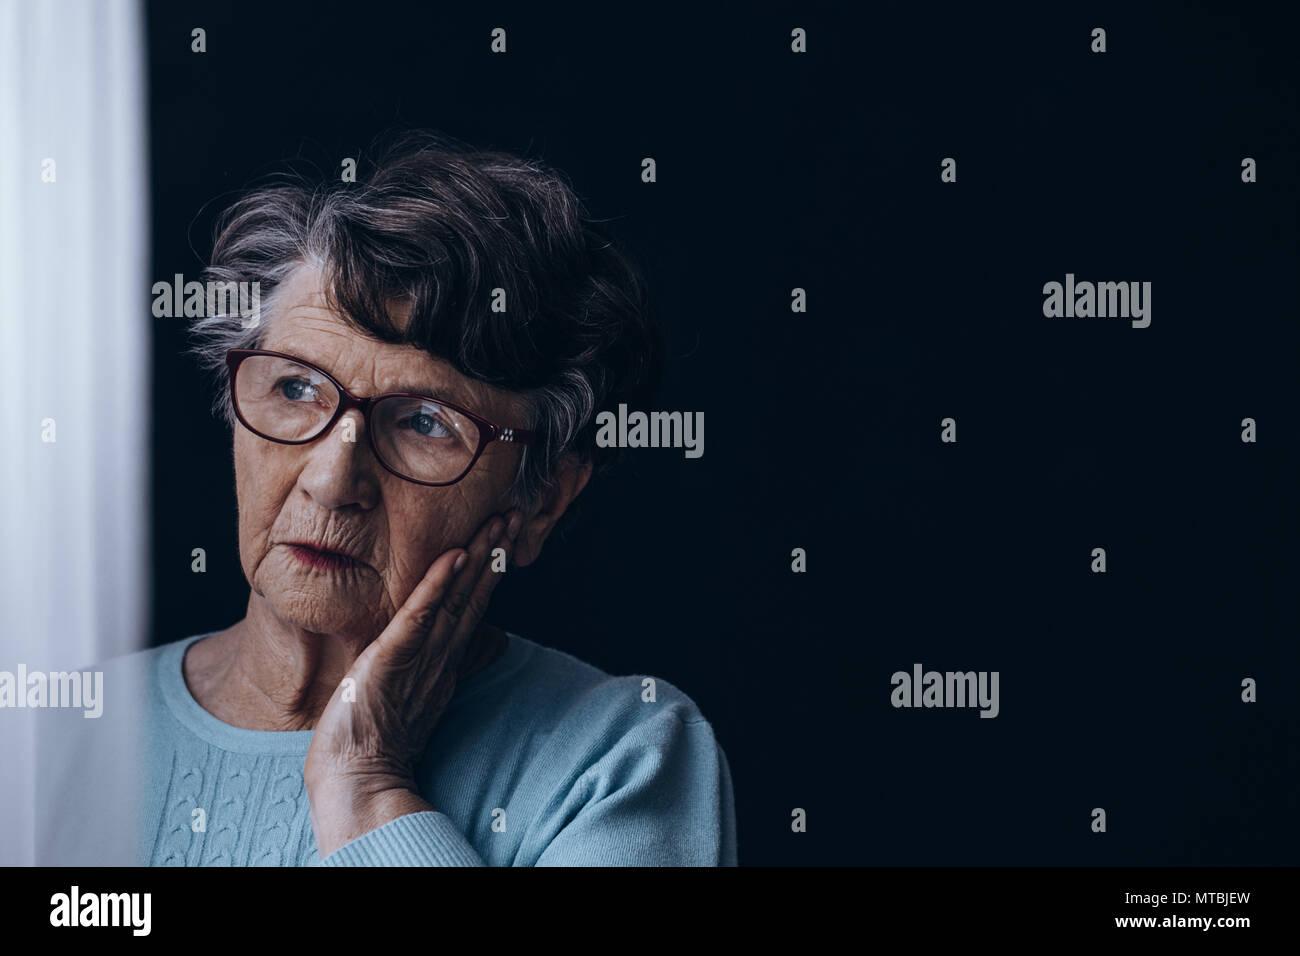 Triste, vieille femme debout seul dans la pièce sombre Photo Stock